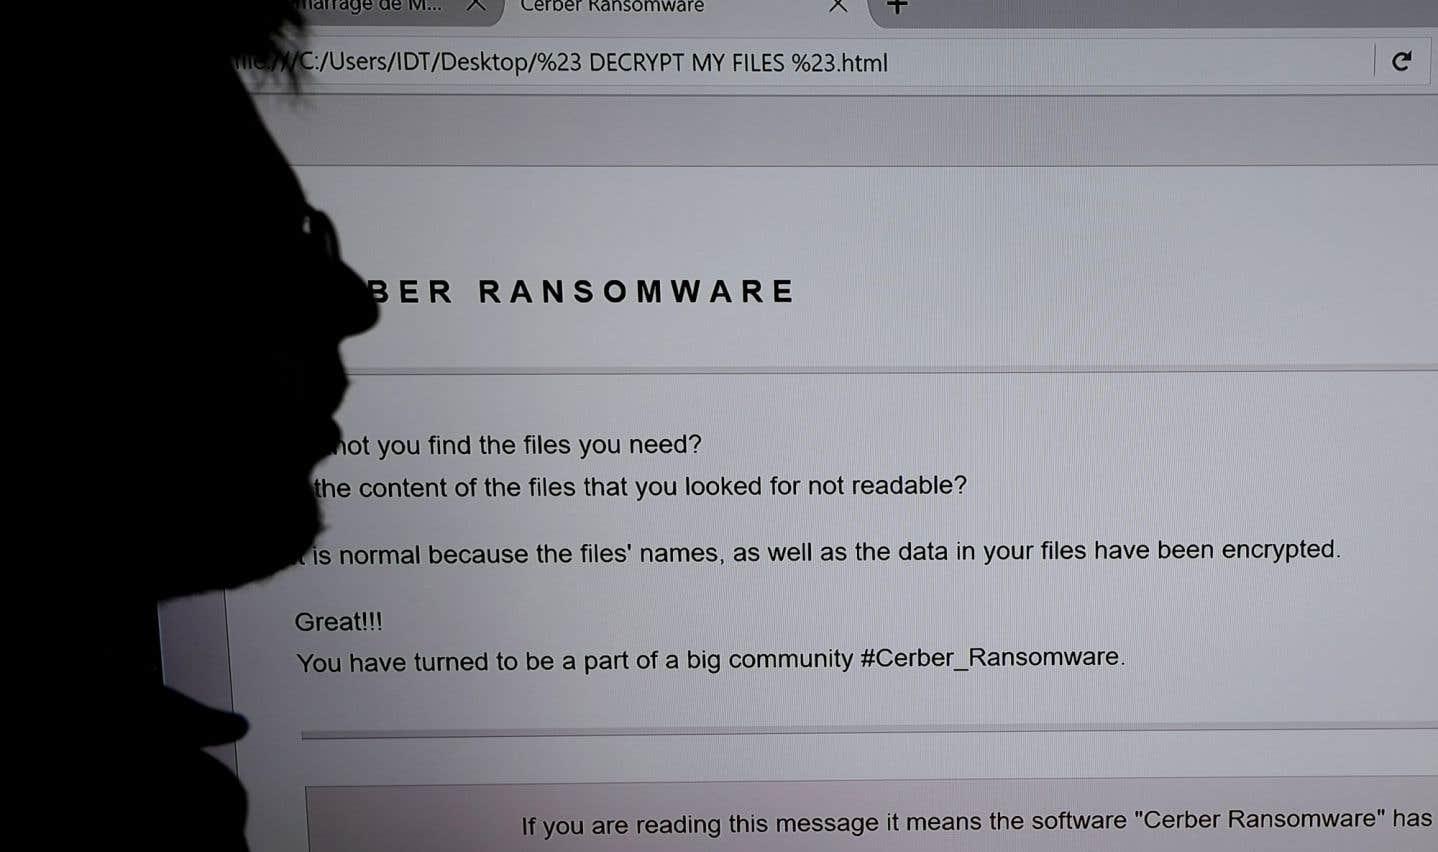 Le nombre de victimes d'une extorsion par piratage informatique s'est établi à 2,58 millions d'avril 2016 à mars 2017.